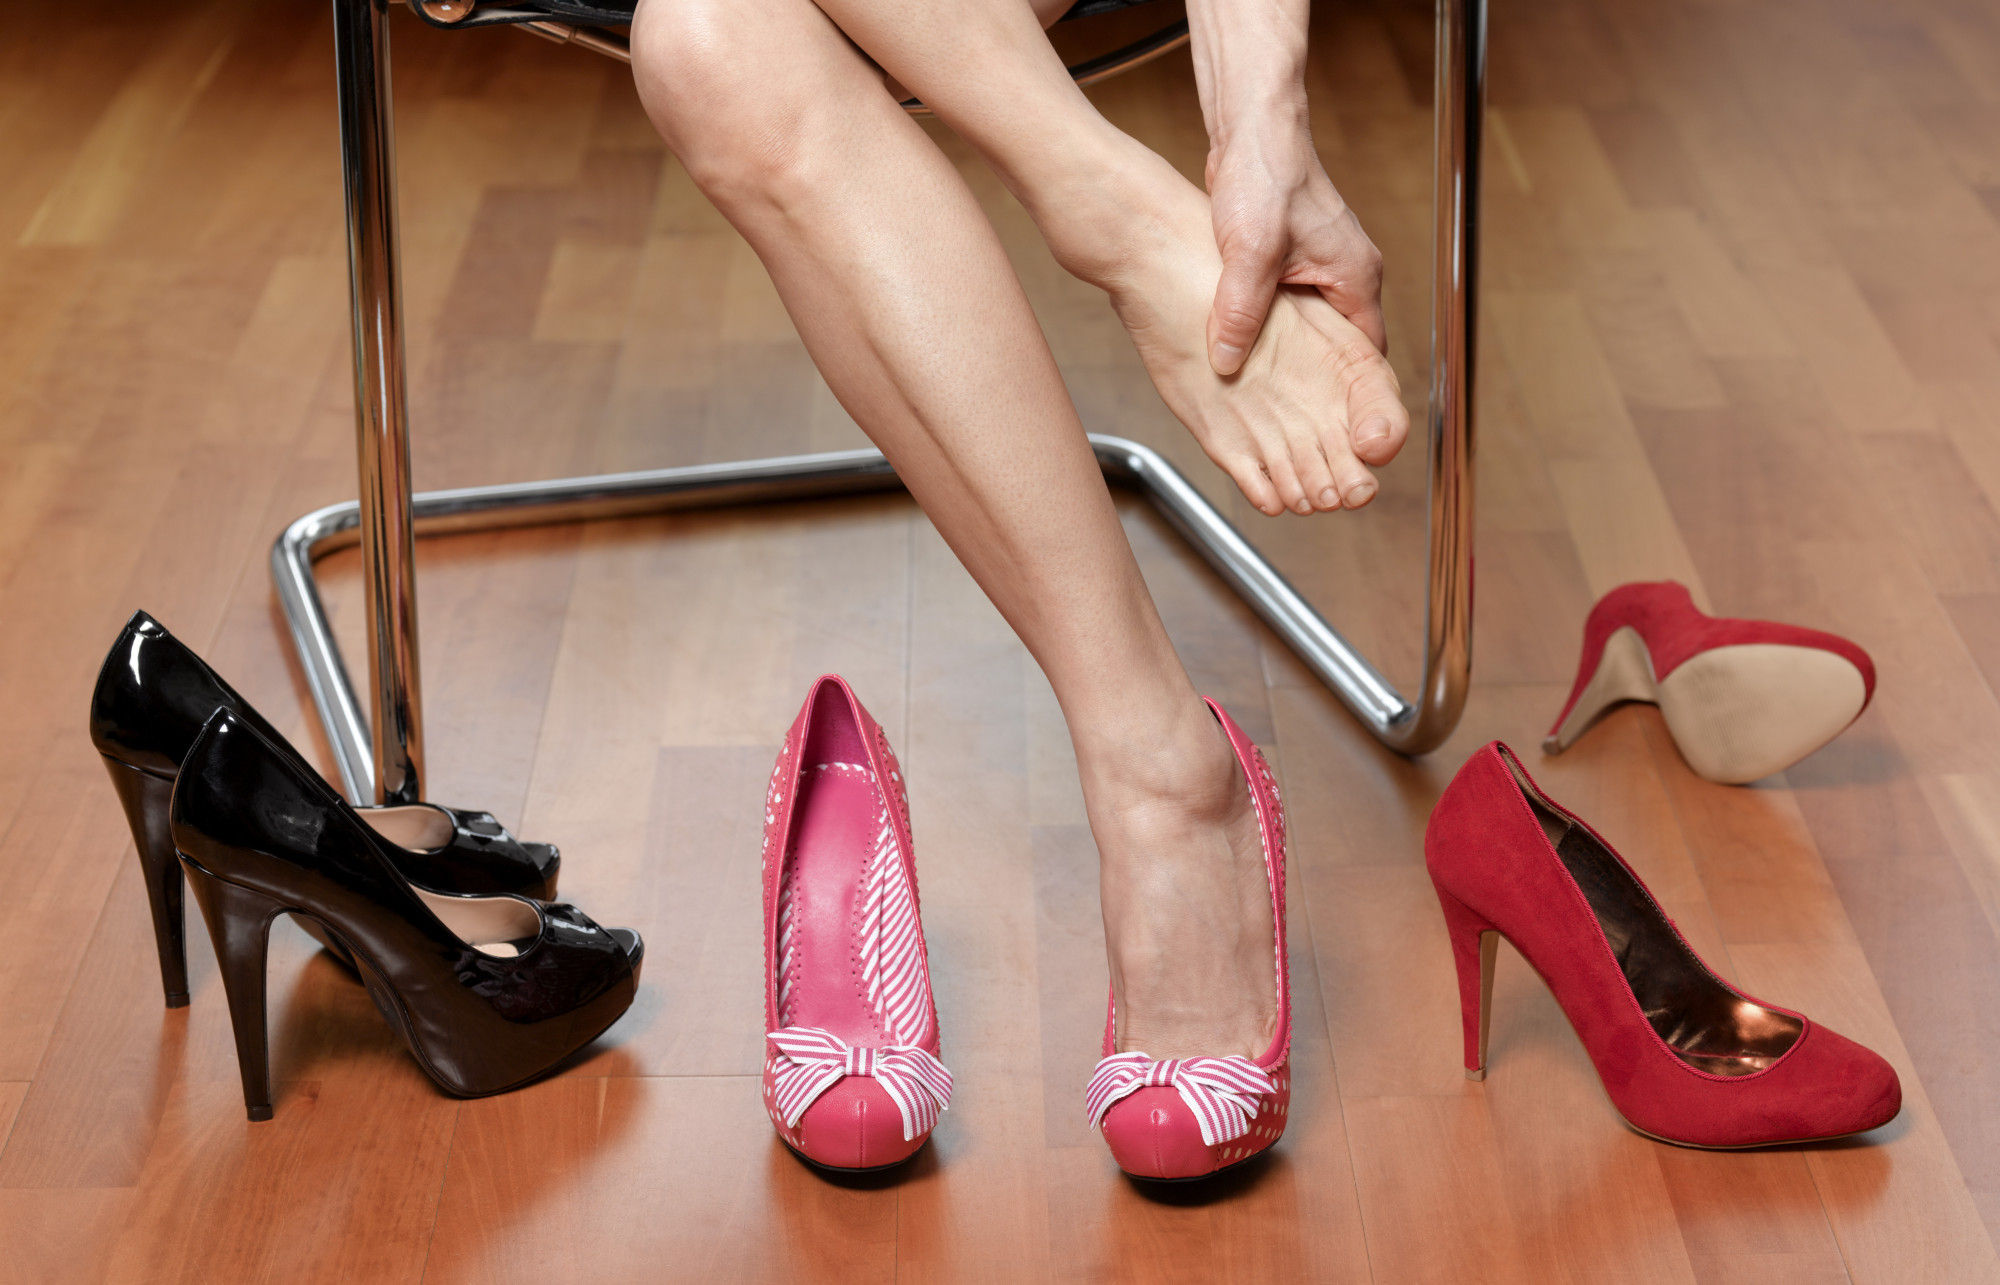 Мозоль из-за неудобной обуви